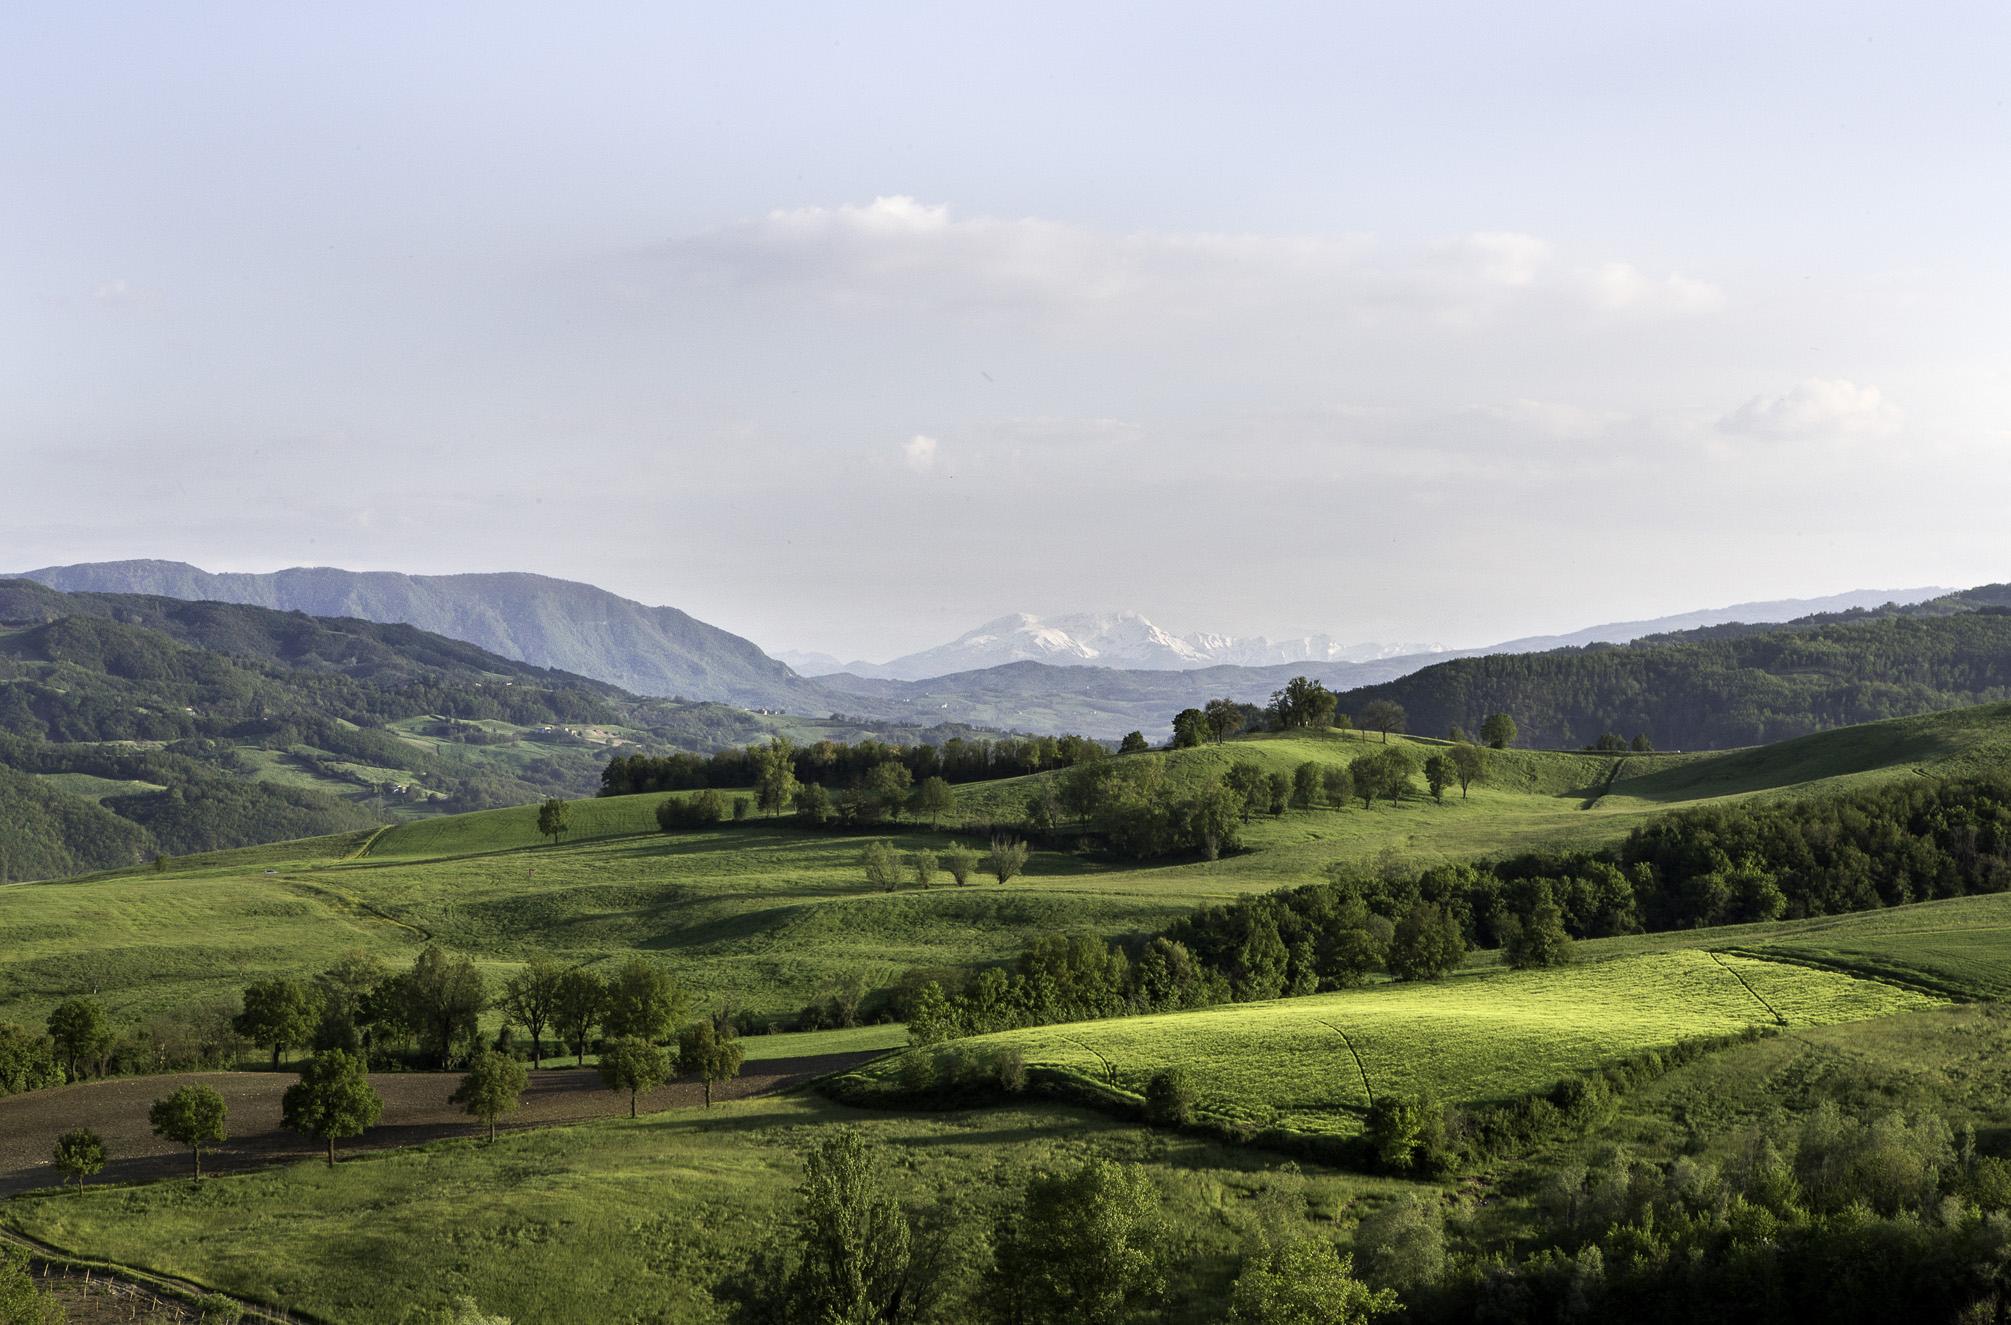 Le colline di Parma: dove nascono i grandi prodotti